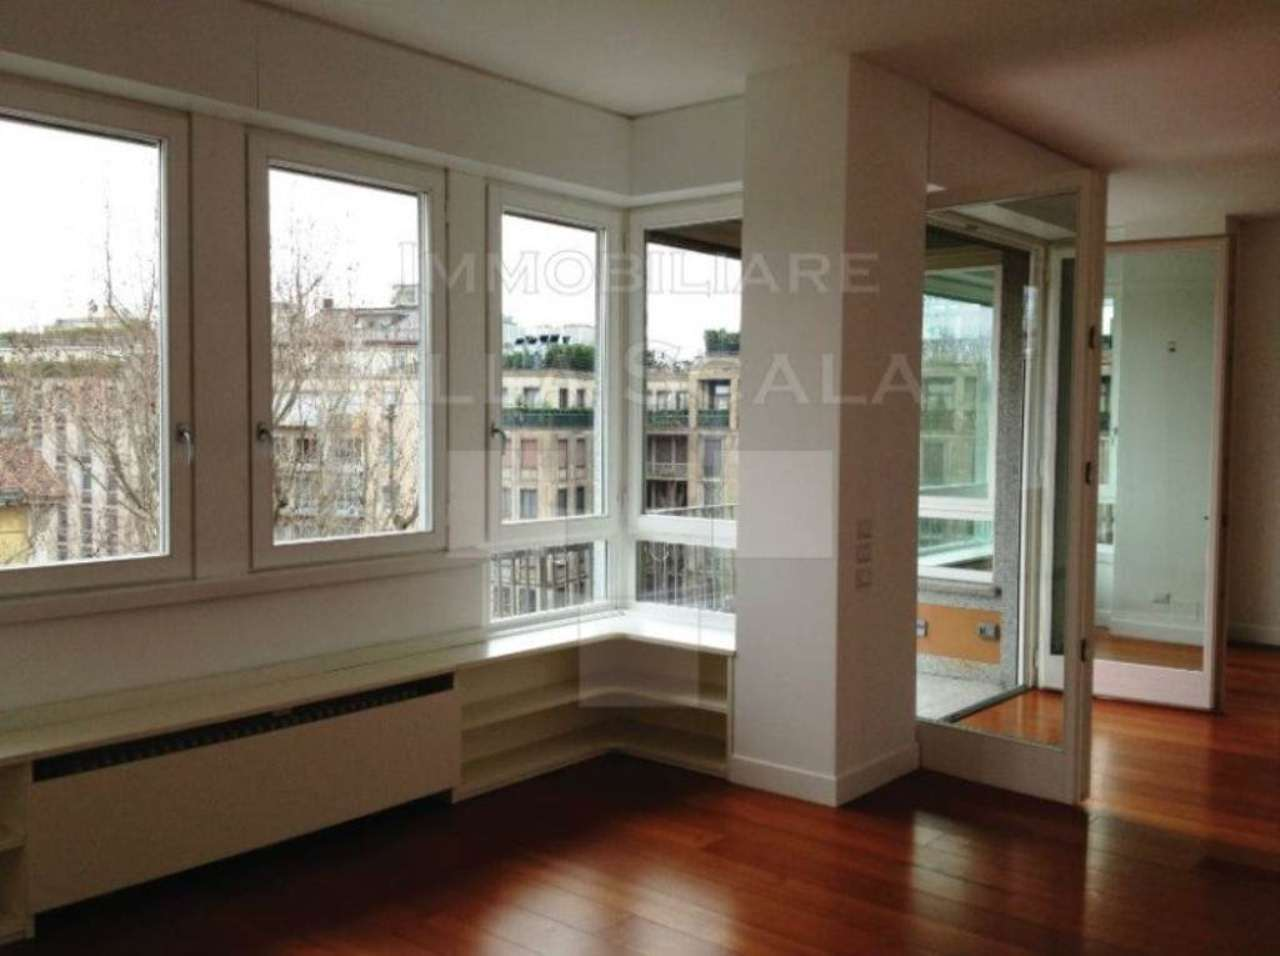 Appartamento in vendita a Milano, 5 locali, zona Zona: 1 . Centro Storico, Duomo, Brera, Cadorna, Cattolica, prezzo € 3.500.000 | CambioCasa.it